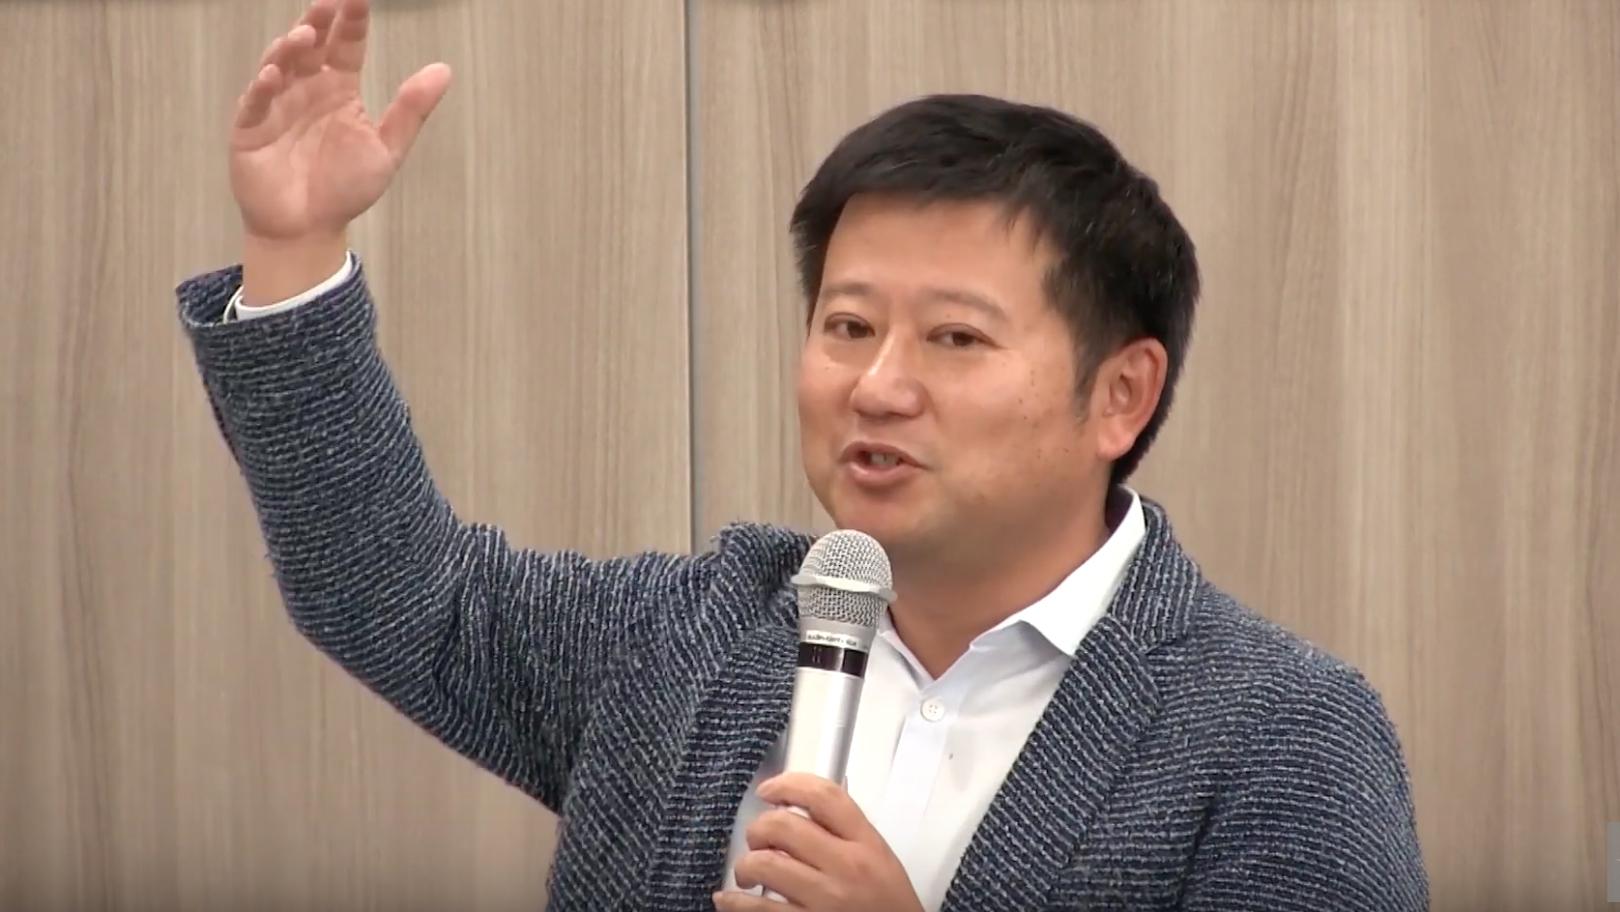 者 メルカリ 創業 メルカリが創業時から目指す「循環する社会」とは。CEO山田進太郎に聞く